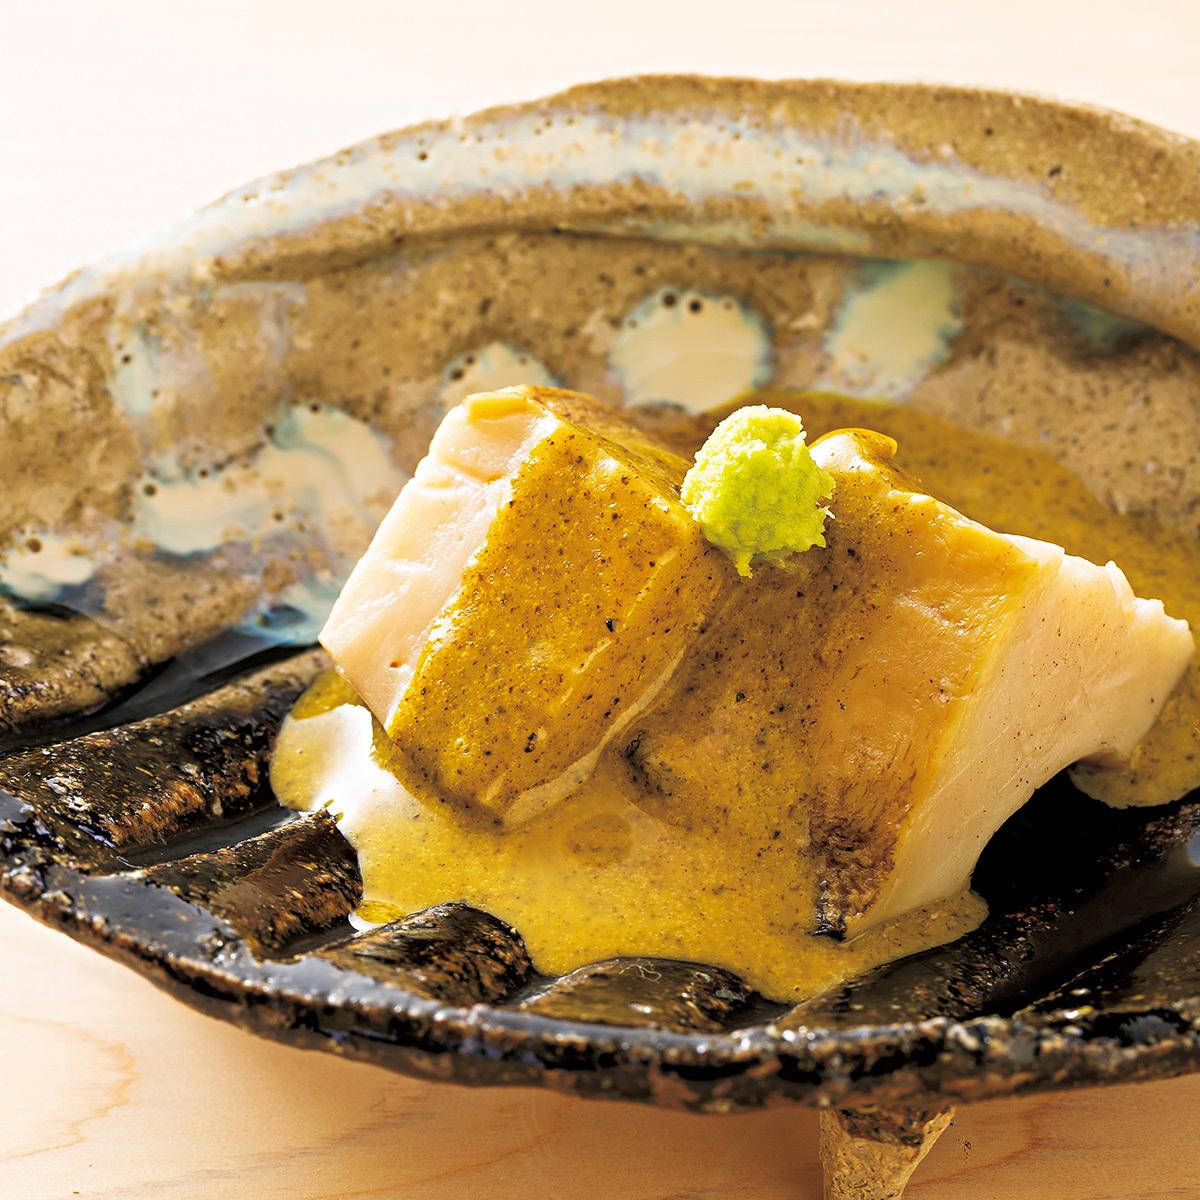 京都の三条京阪にある寿司店「鮨 楽味」のアワビ